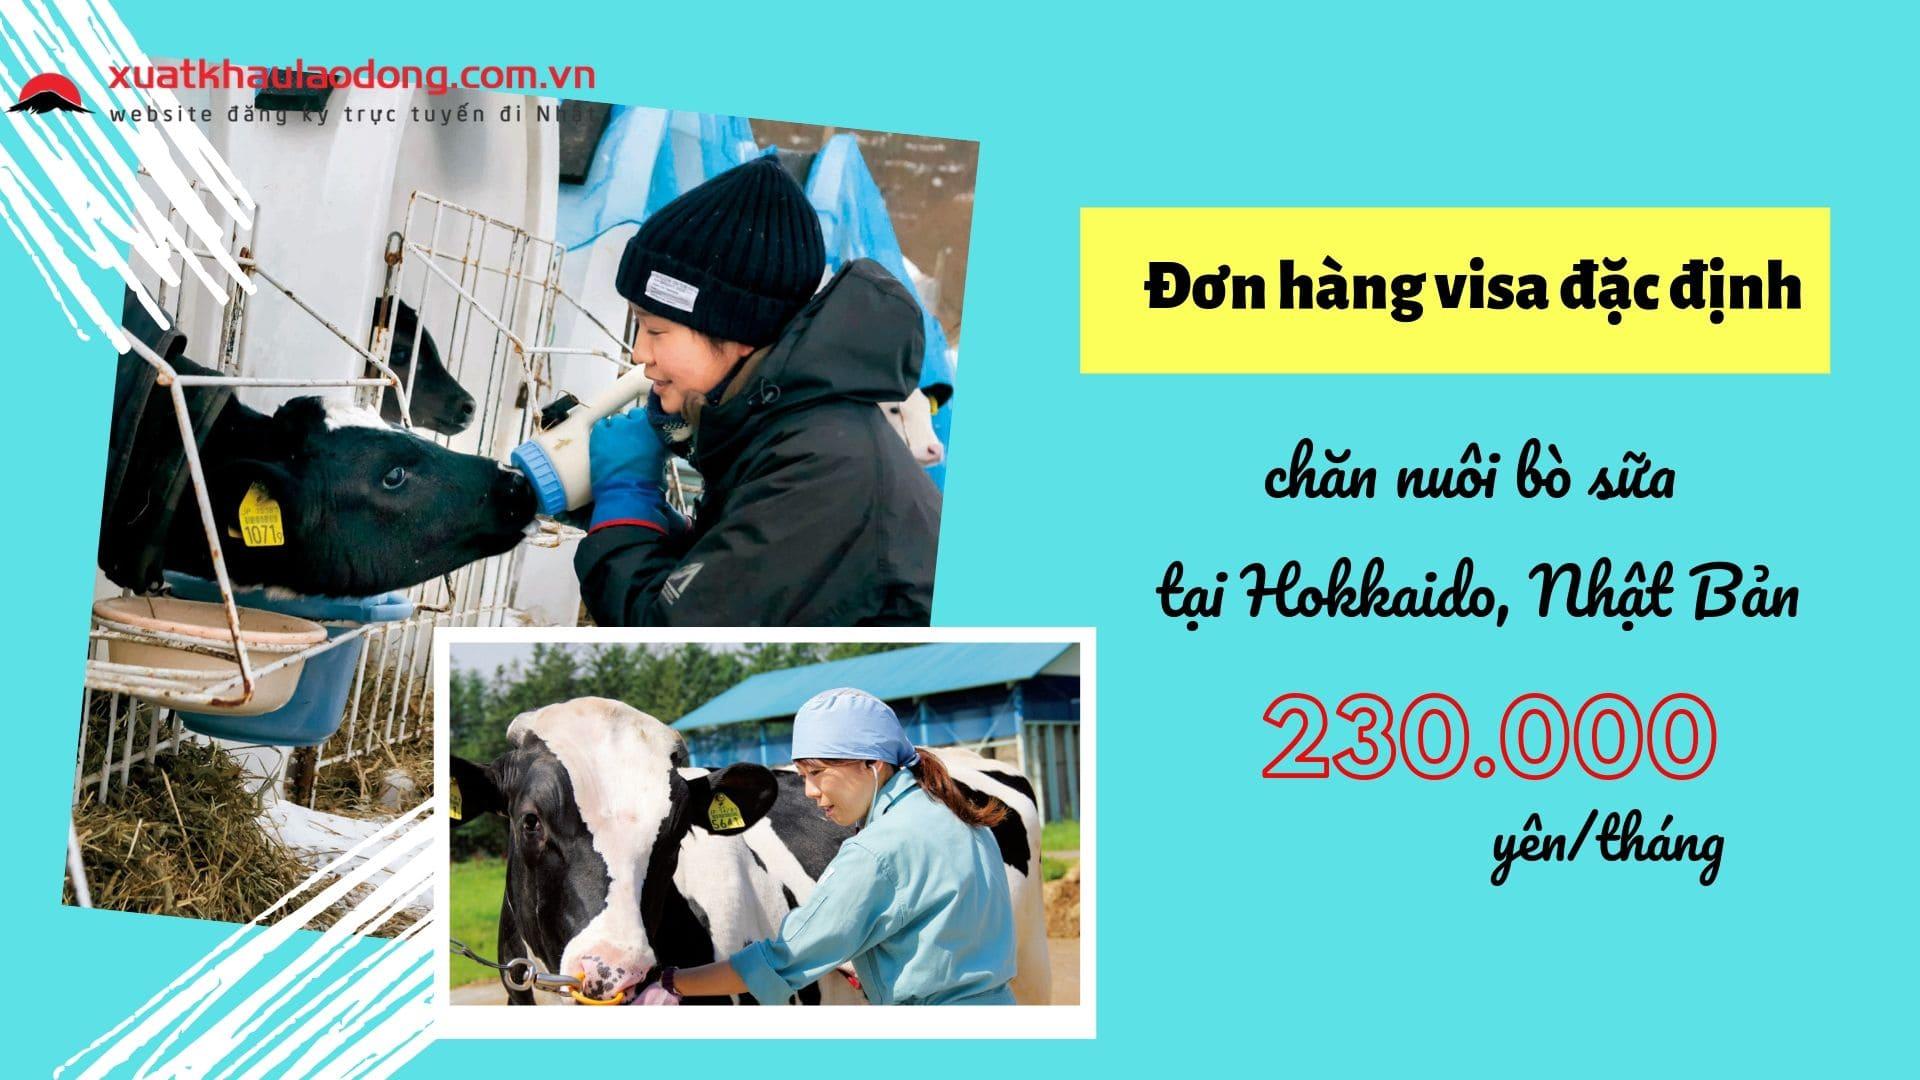 Tuyển 15 nữ đơn hàng visa đặc định chăn nuôi bò sữa LƯƠNG CAO tại Hokkaido